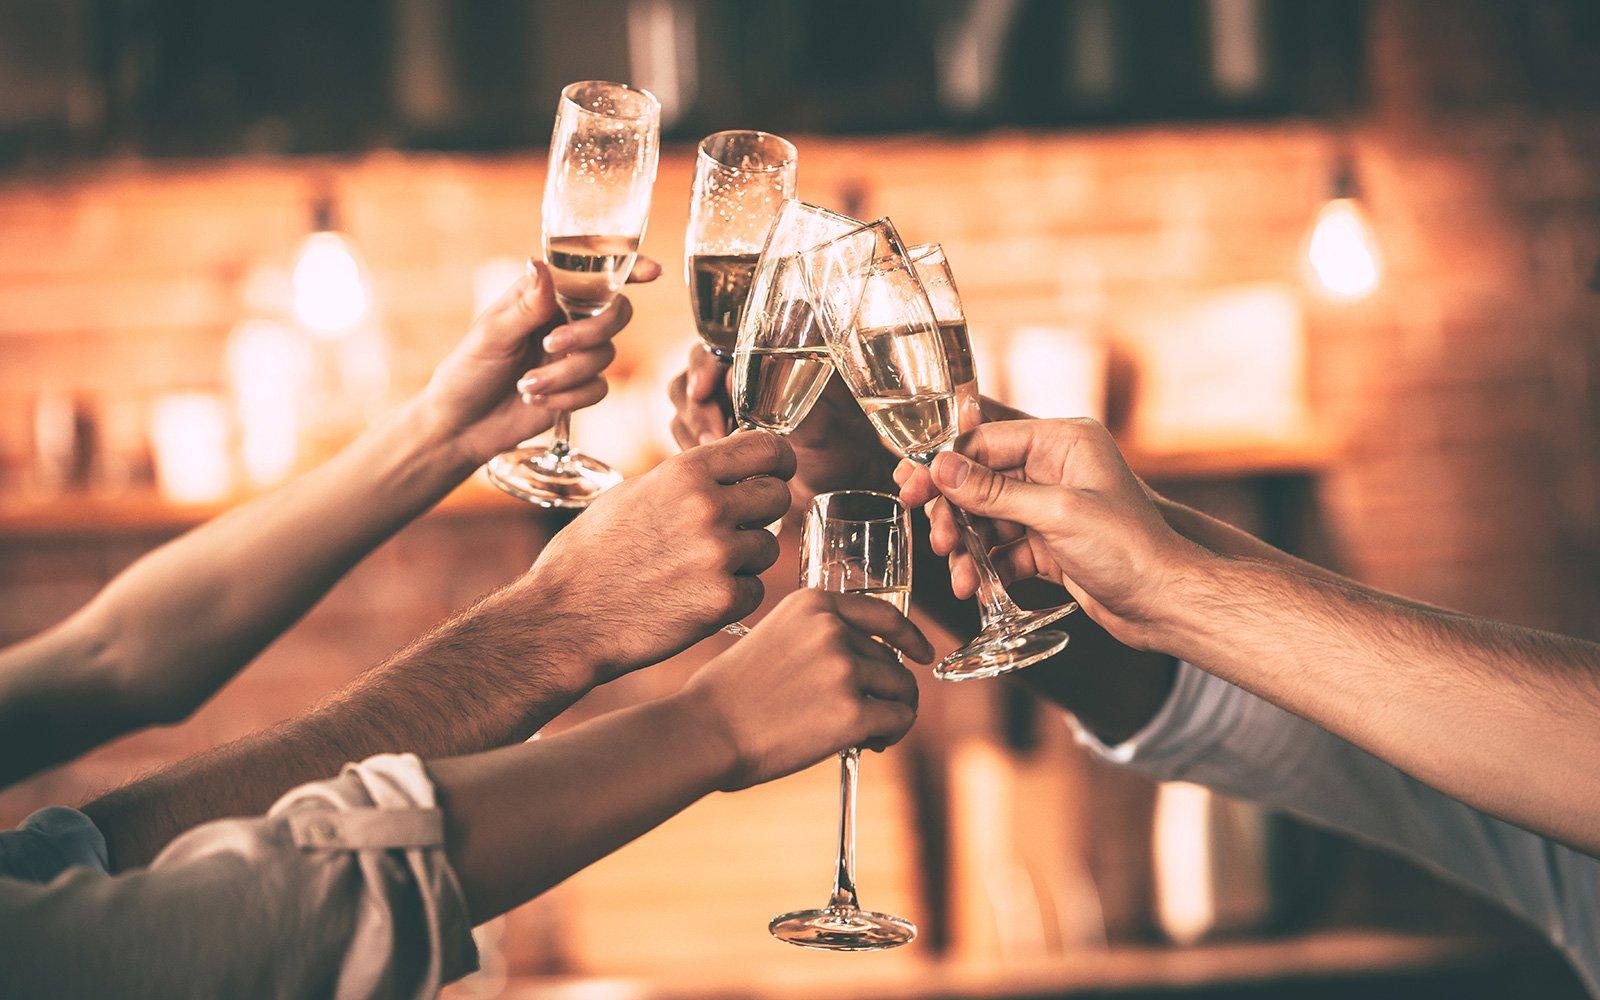 delle mani di alcune persone con dei bicchieri di vino mentre brindano